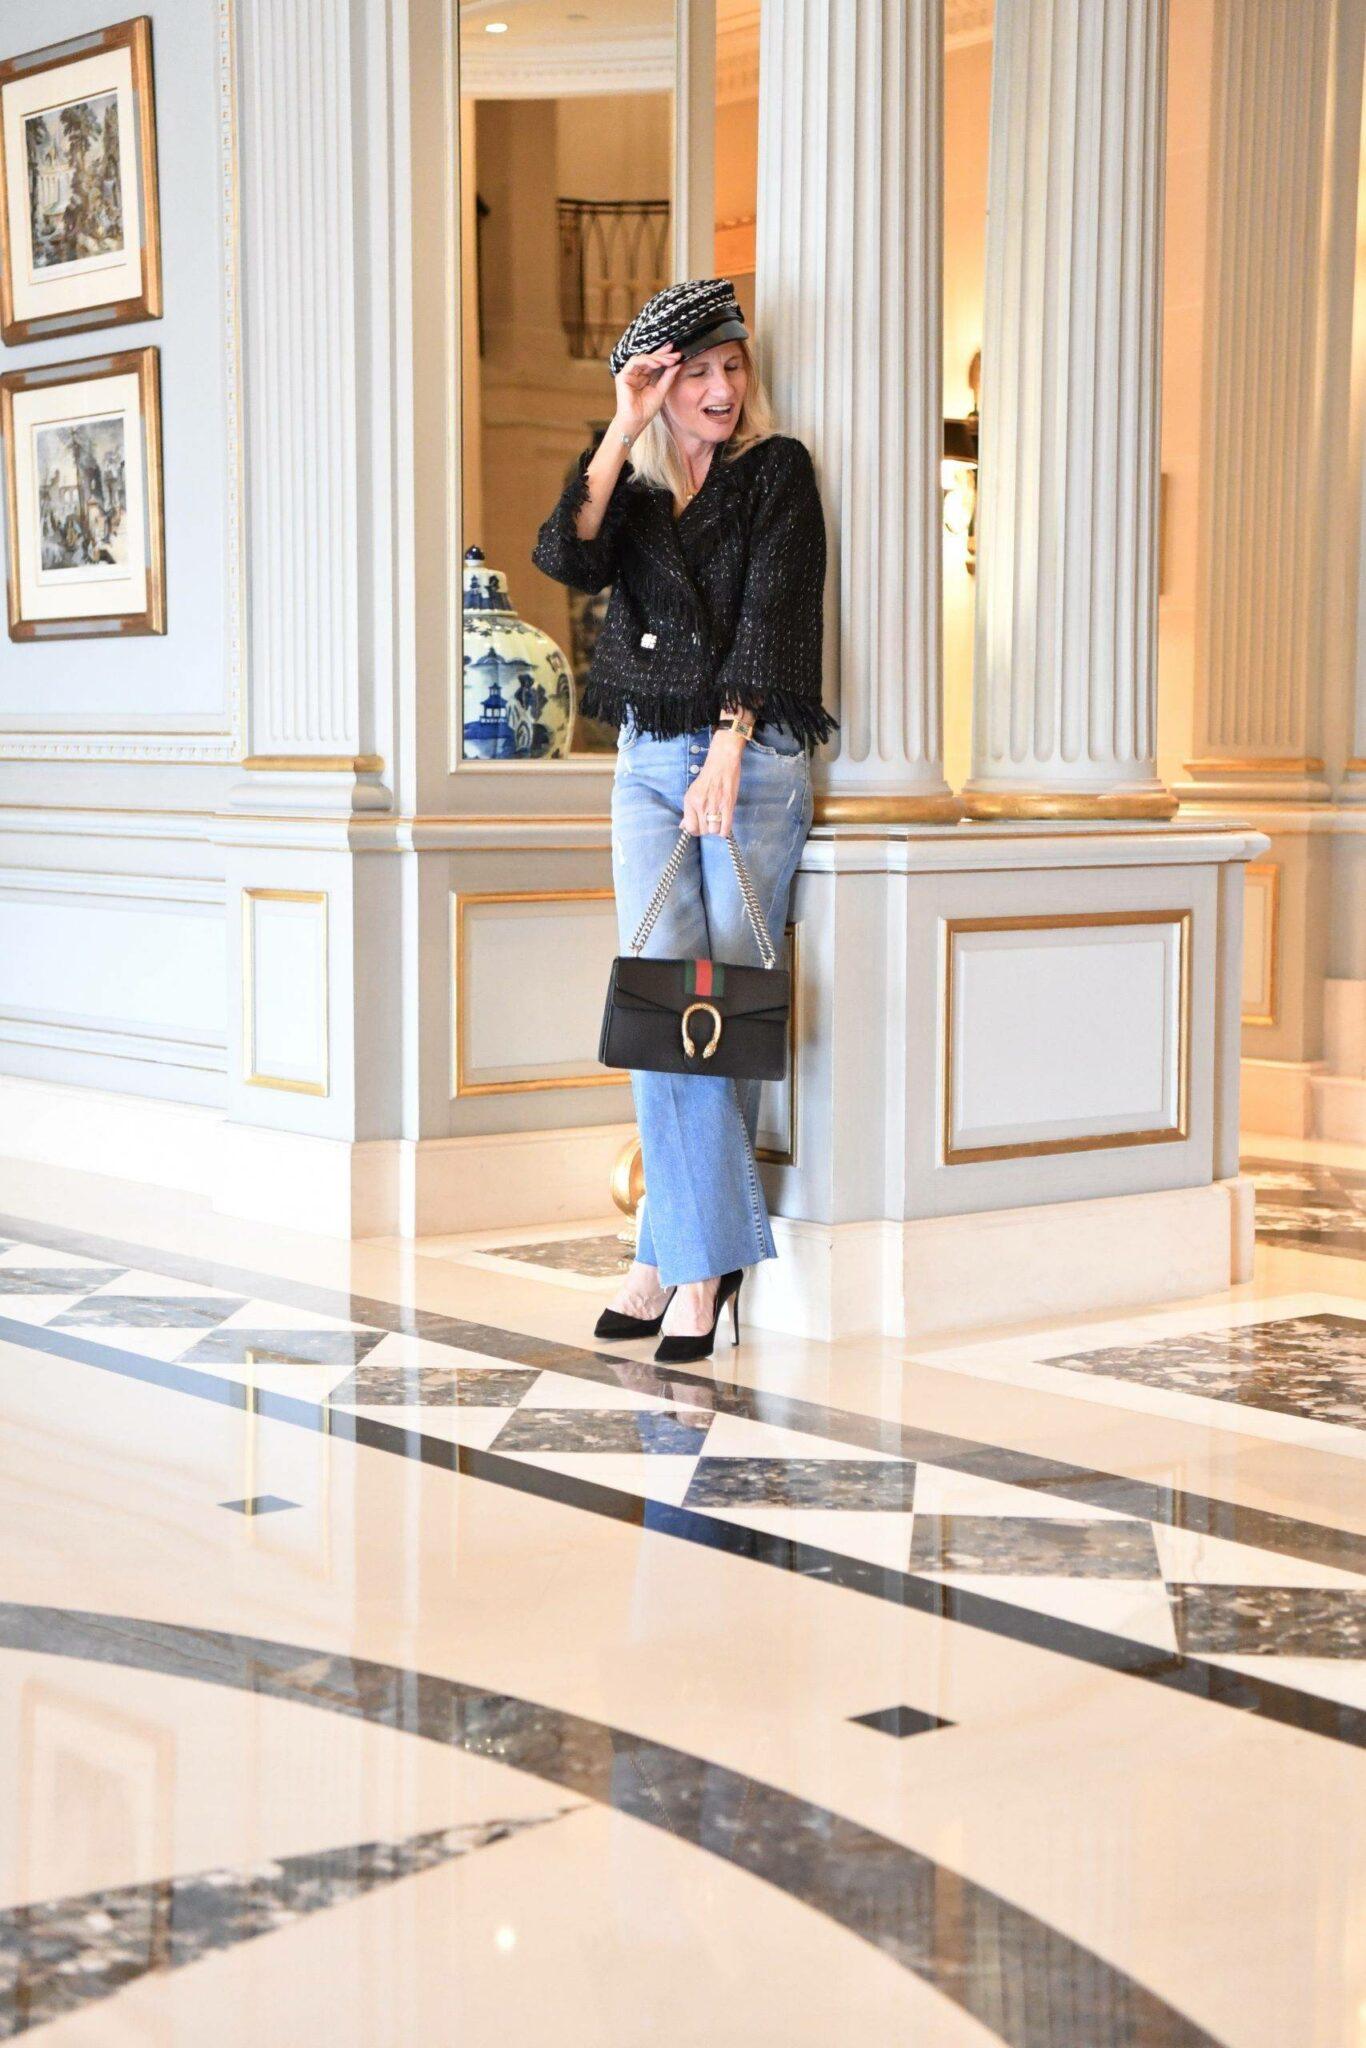 @funkyforty is wearing Millé Milano look,  Izabela Switon-Kulinska   In Galleria Vittorio Emanuele Milan.